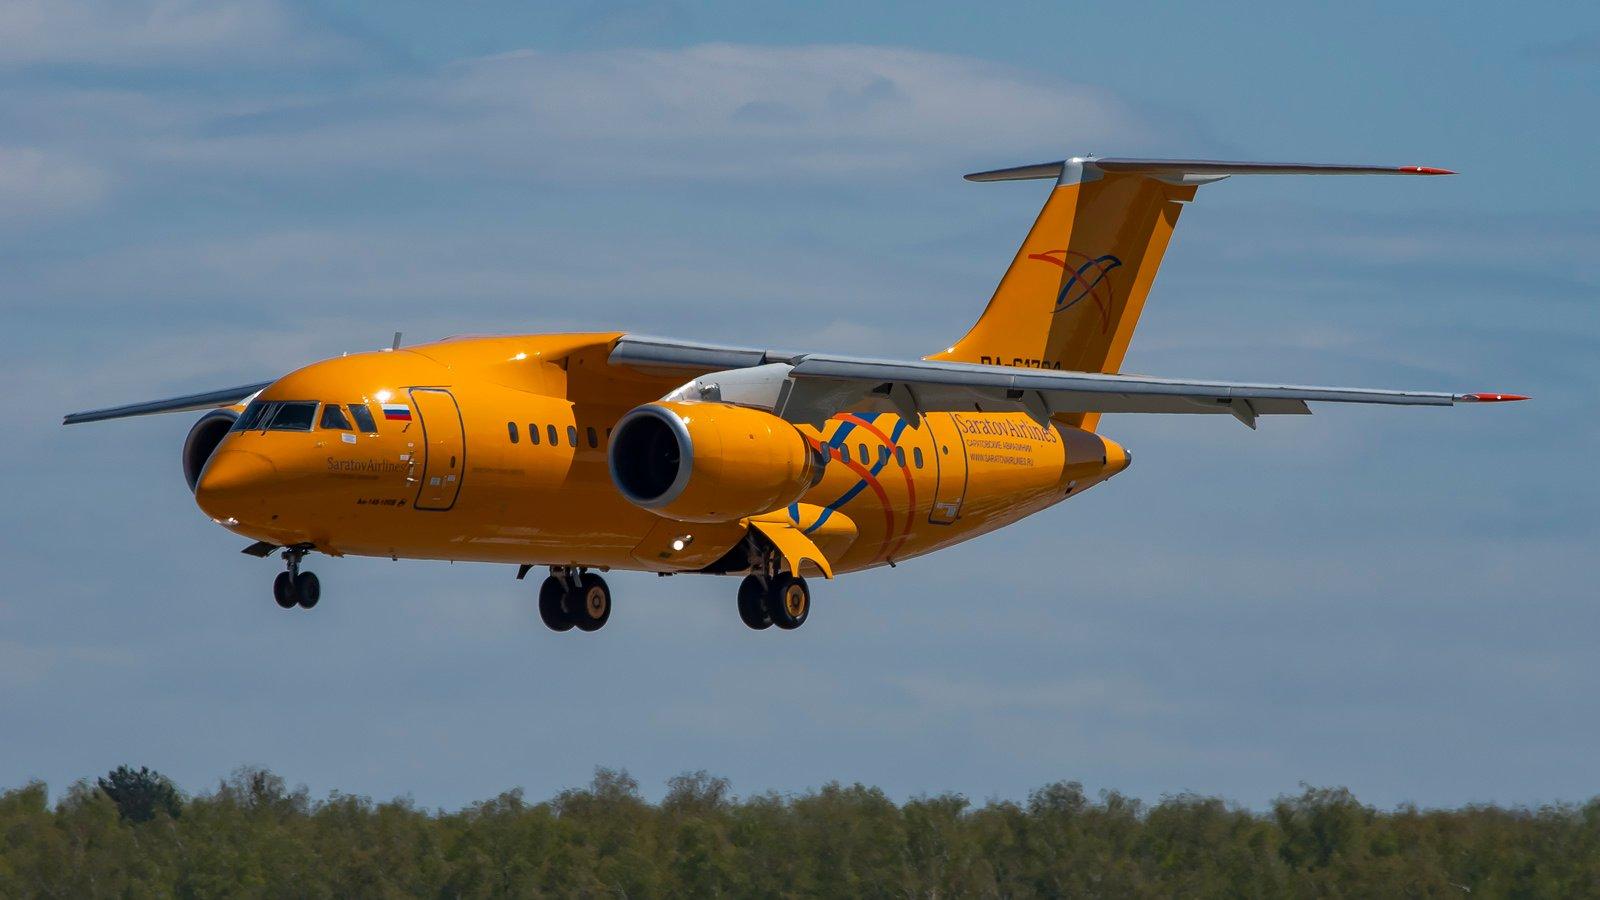 周日(2月11日),俄羅斯薩拉托夫航空(Saratov Airlines)一客機在莫斯科附近地區墜毀,機上的乘客加上機組人員,共71人,恐怕全部遇難。圖為薩拉托夫航空一架同型號Antonov AN-148飛機示意圖。(安托諾夫國營公司)